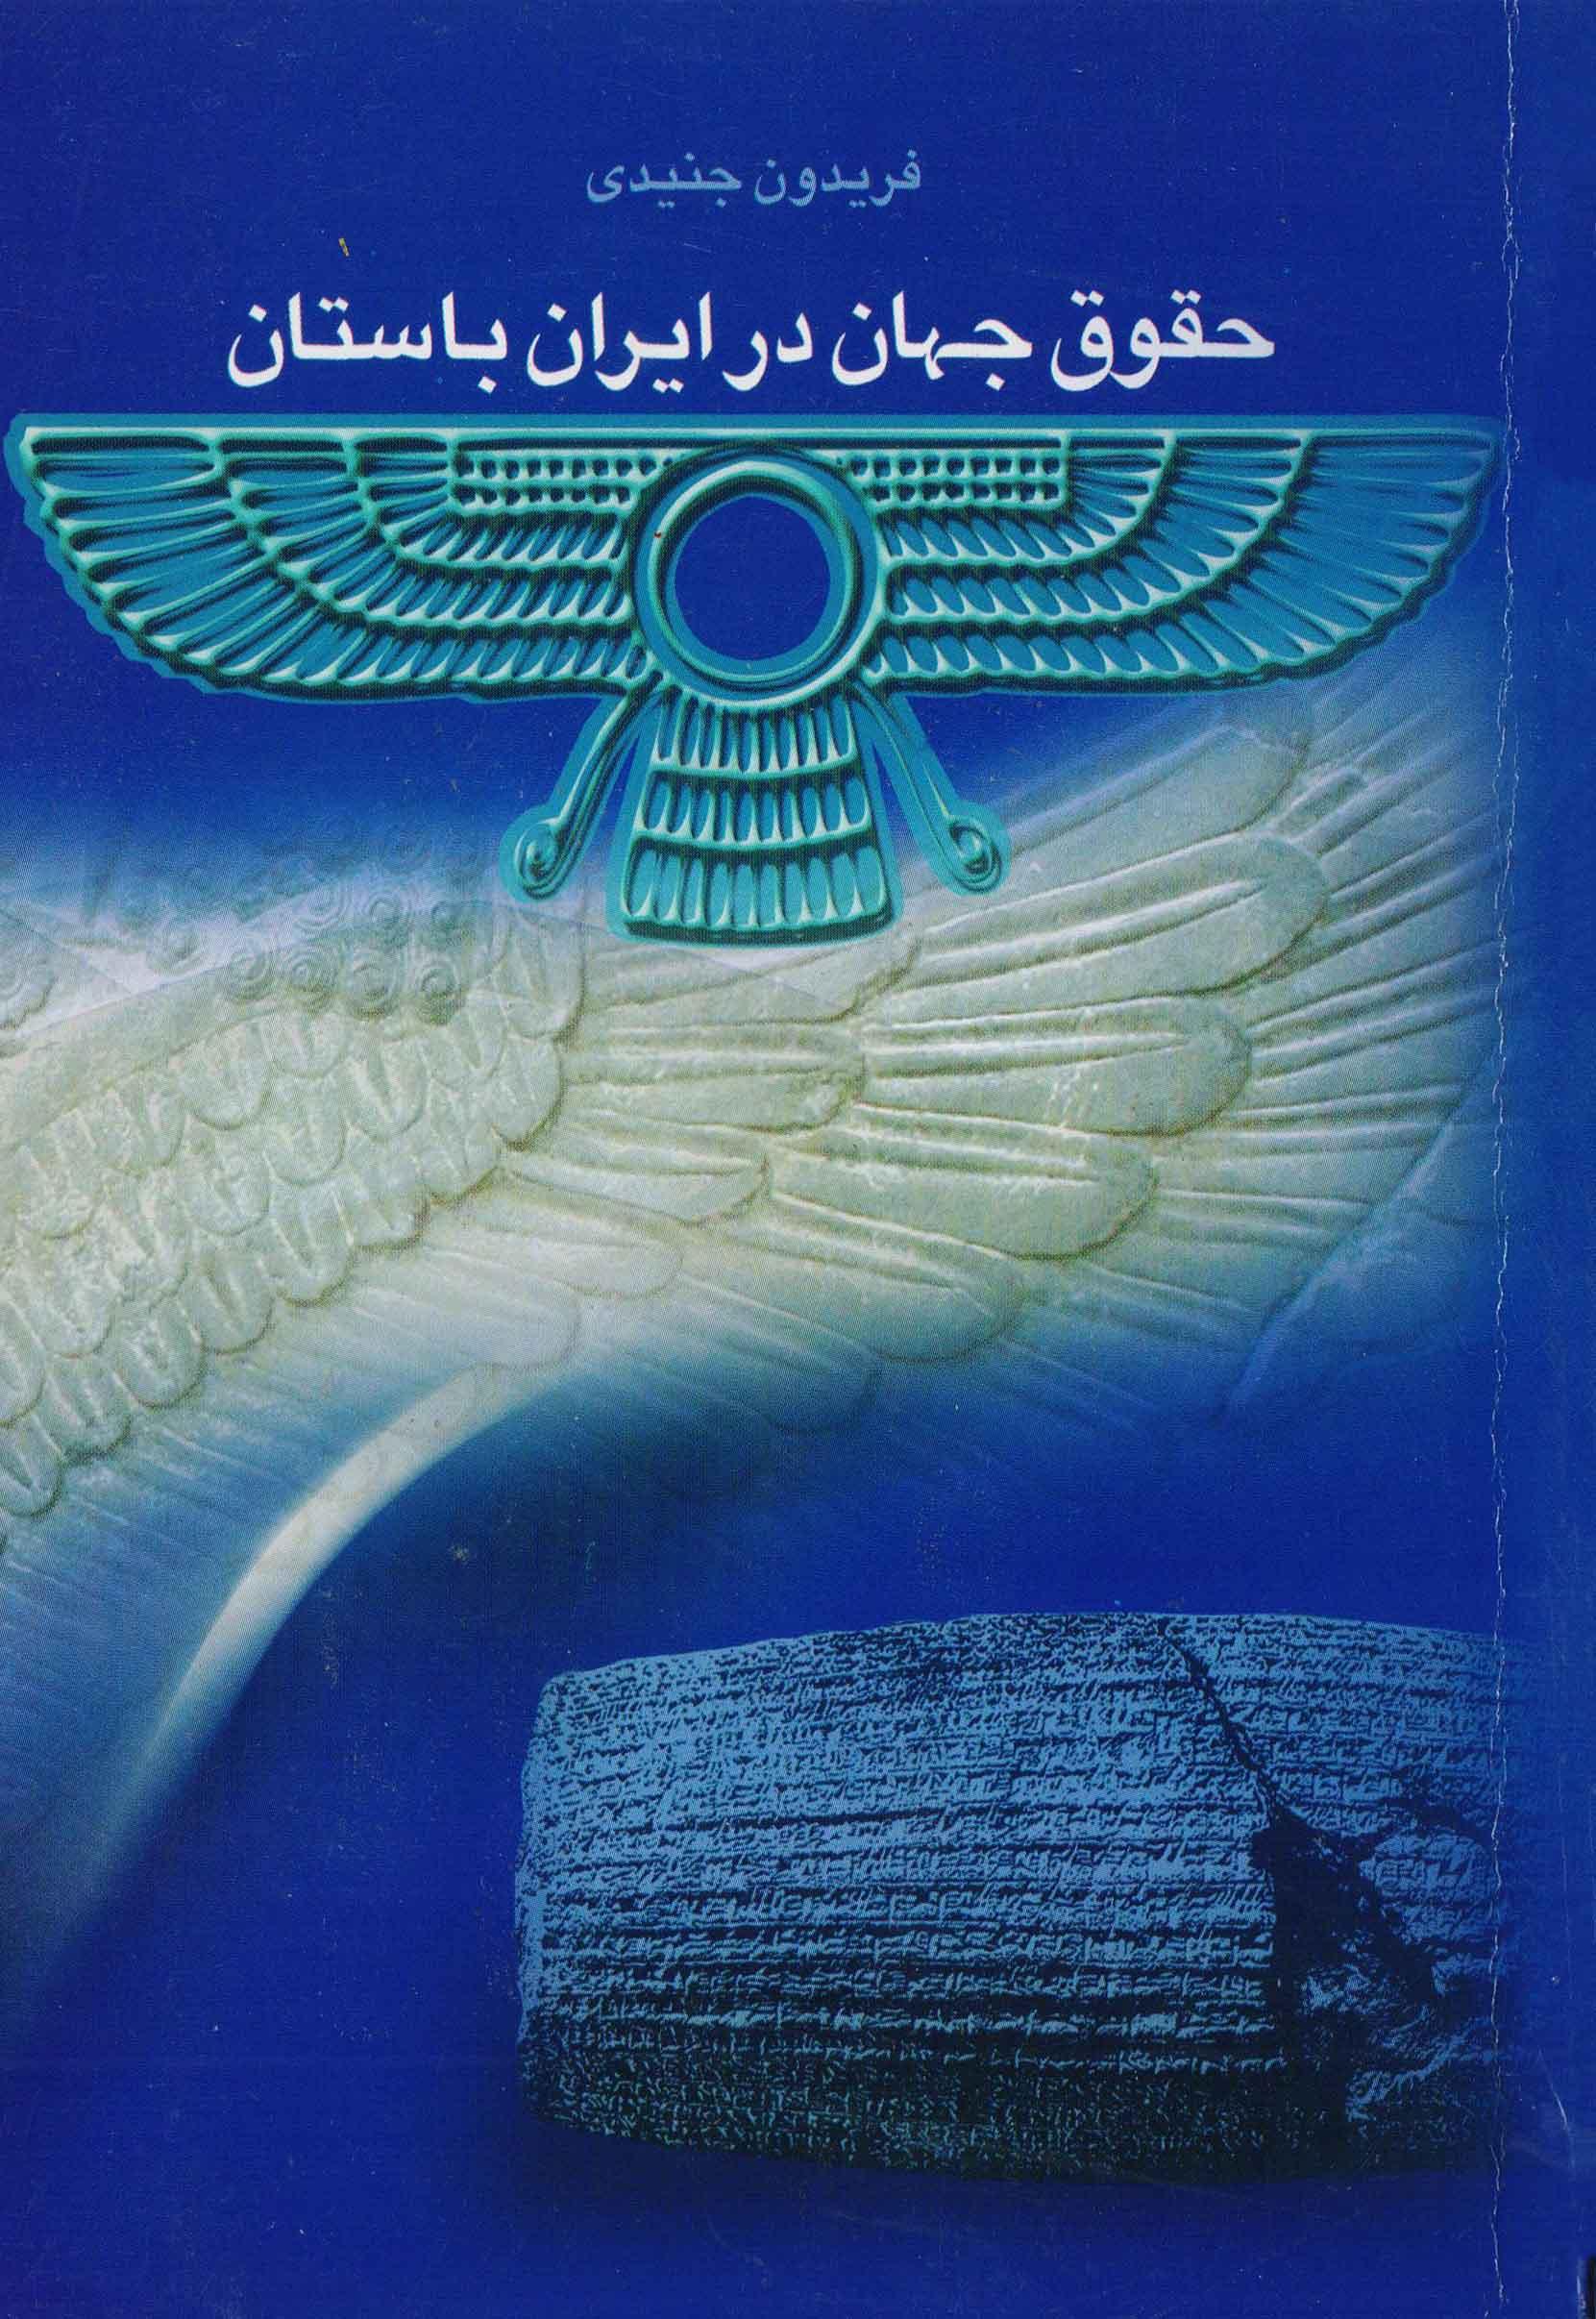 کتاب حقوق جهان در ایران باستان